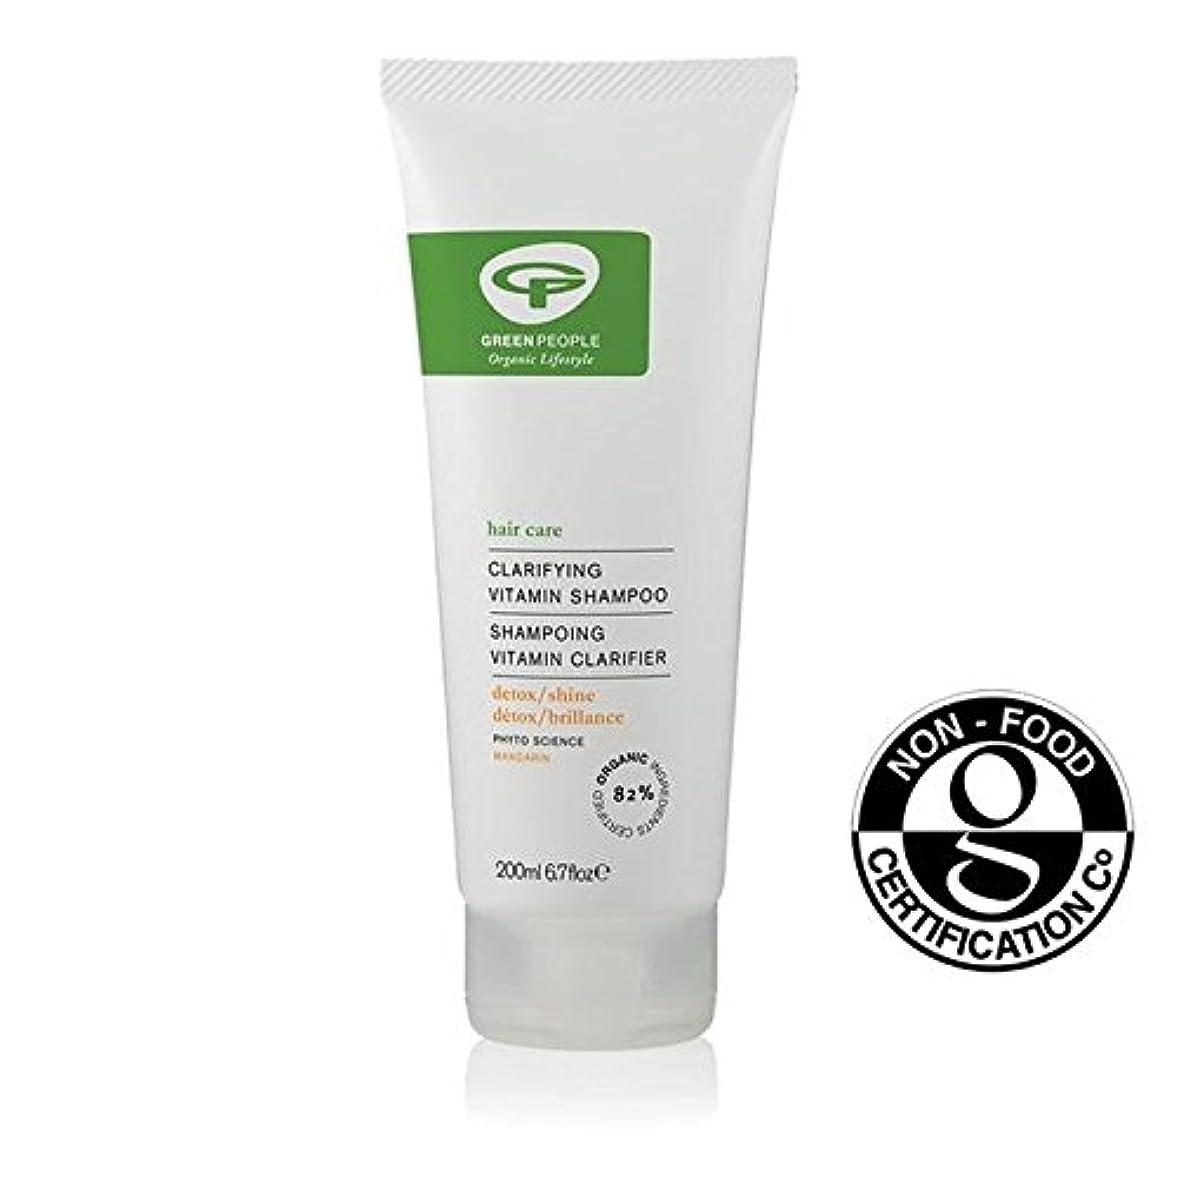 味わうラショナル廃止する緑の人々の有機明確ビタミンシャンプー200ミリリットル x2 - Green People Organic Clarifying Vitamin Shampoo 200ml (Pack of 2) [並行輸入品]